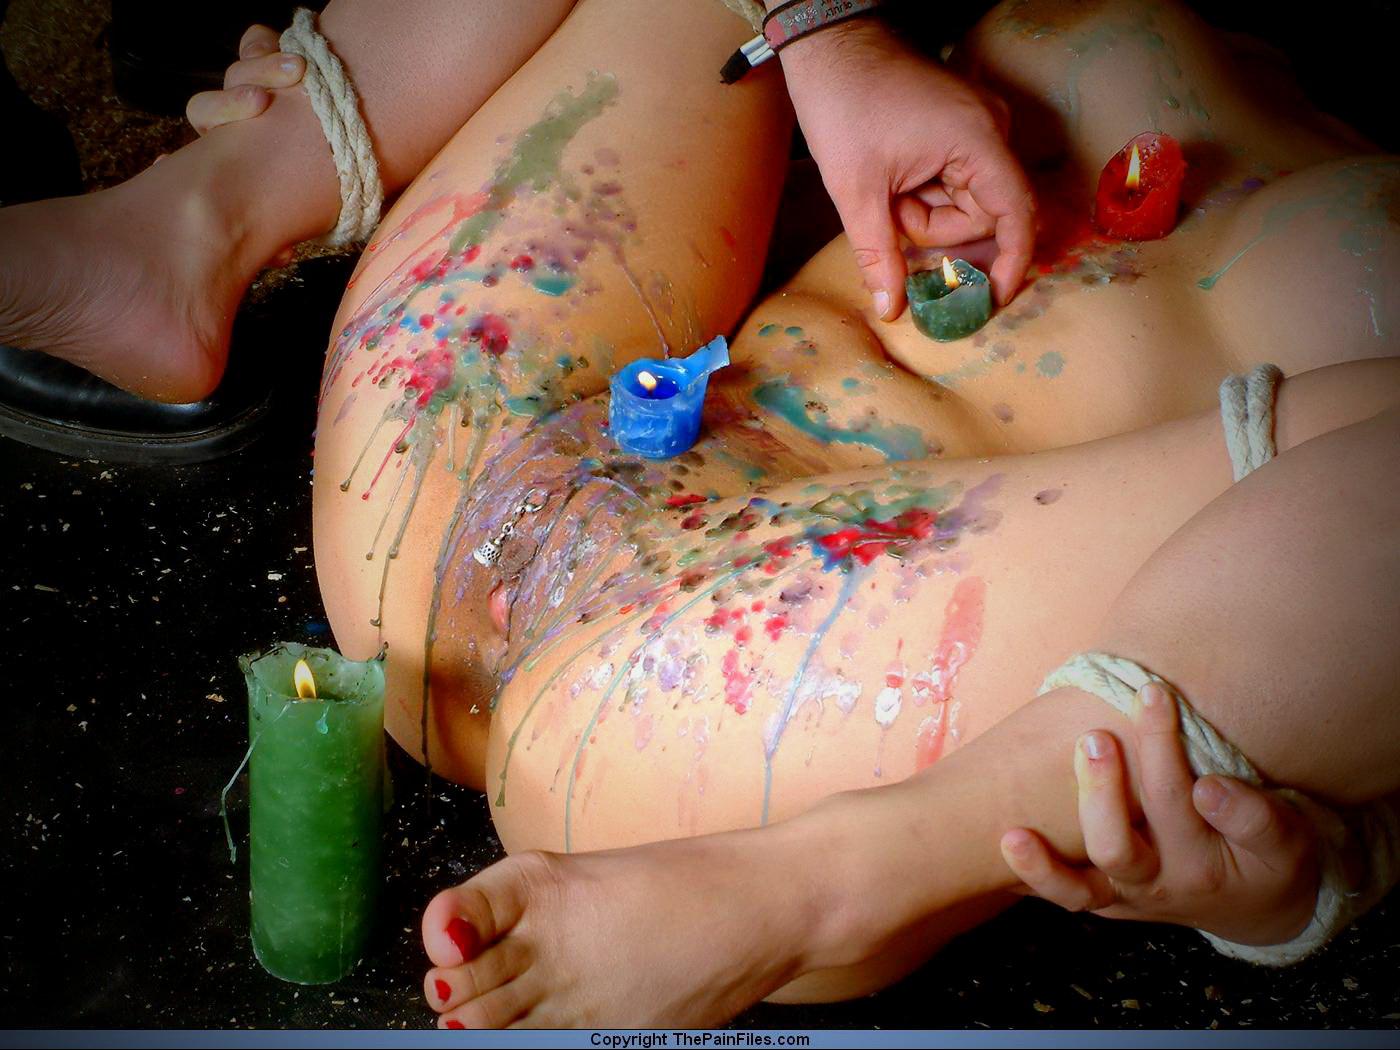 Naked girl desert bondage